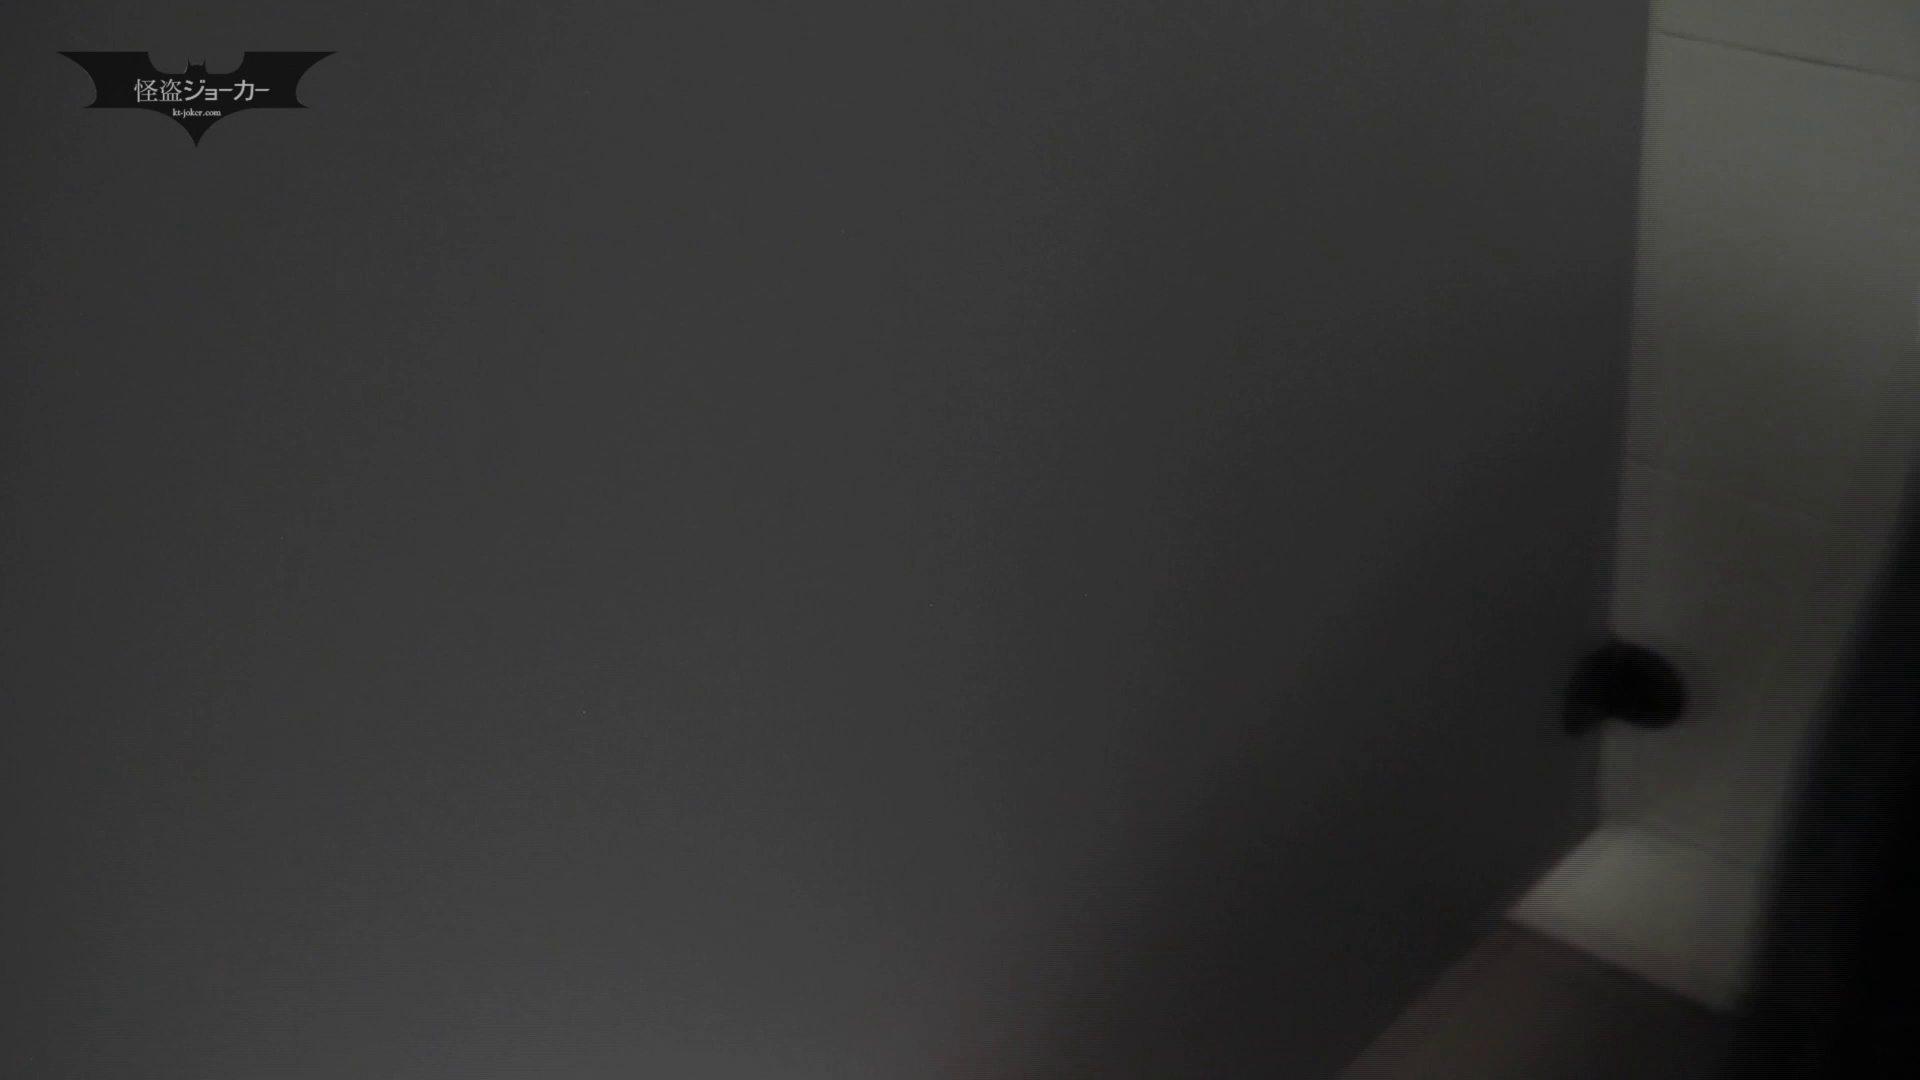 潜入!!台湾名門女学院 Vol.11 三尻同時狩り 盗撮 隠し撮りオマンコ動画紹介 87pic 71